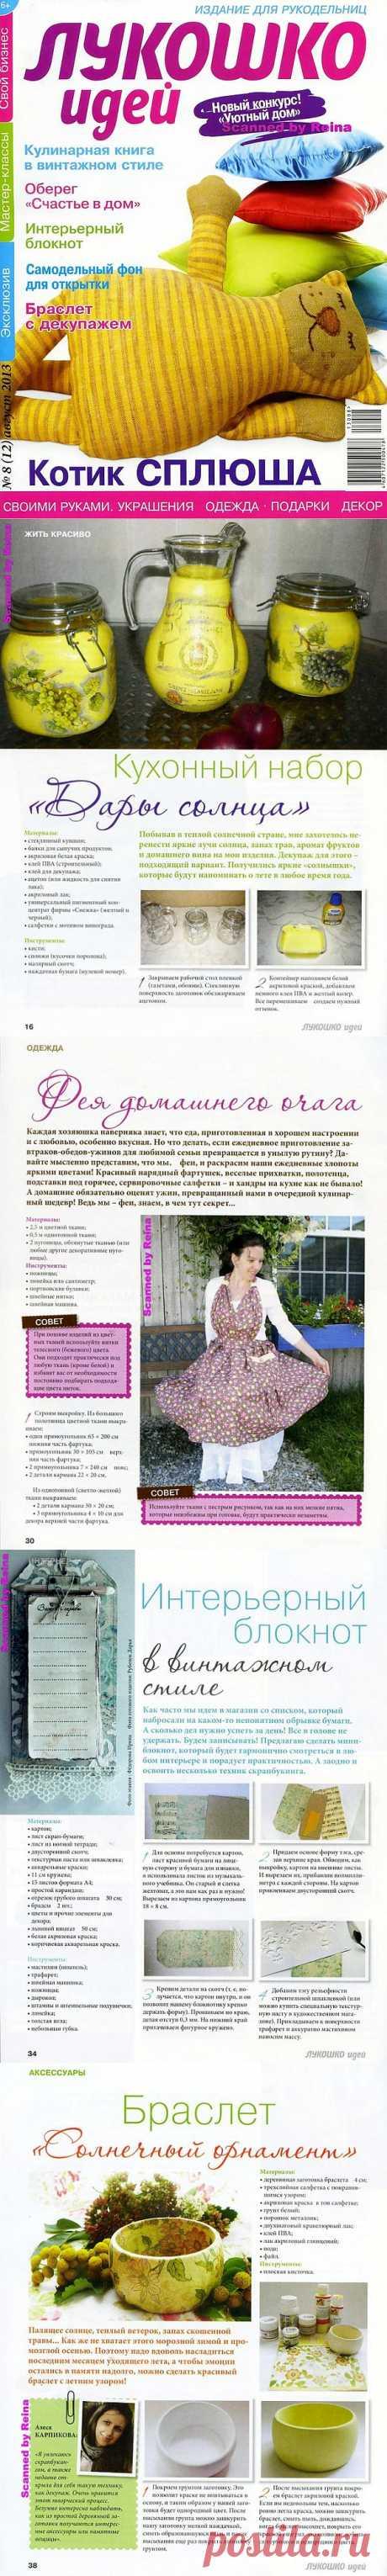 идеи для рукоделия - mad1959— я.ру - разные идеи: декупаж, вязание, шитье, интересные мелочи для домашнего уюта.